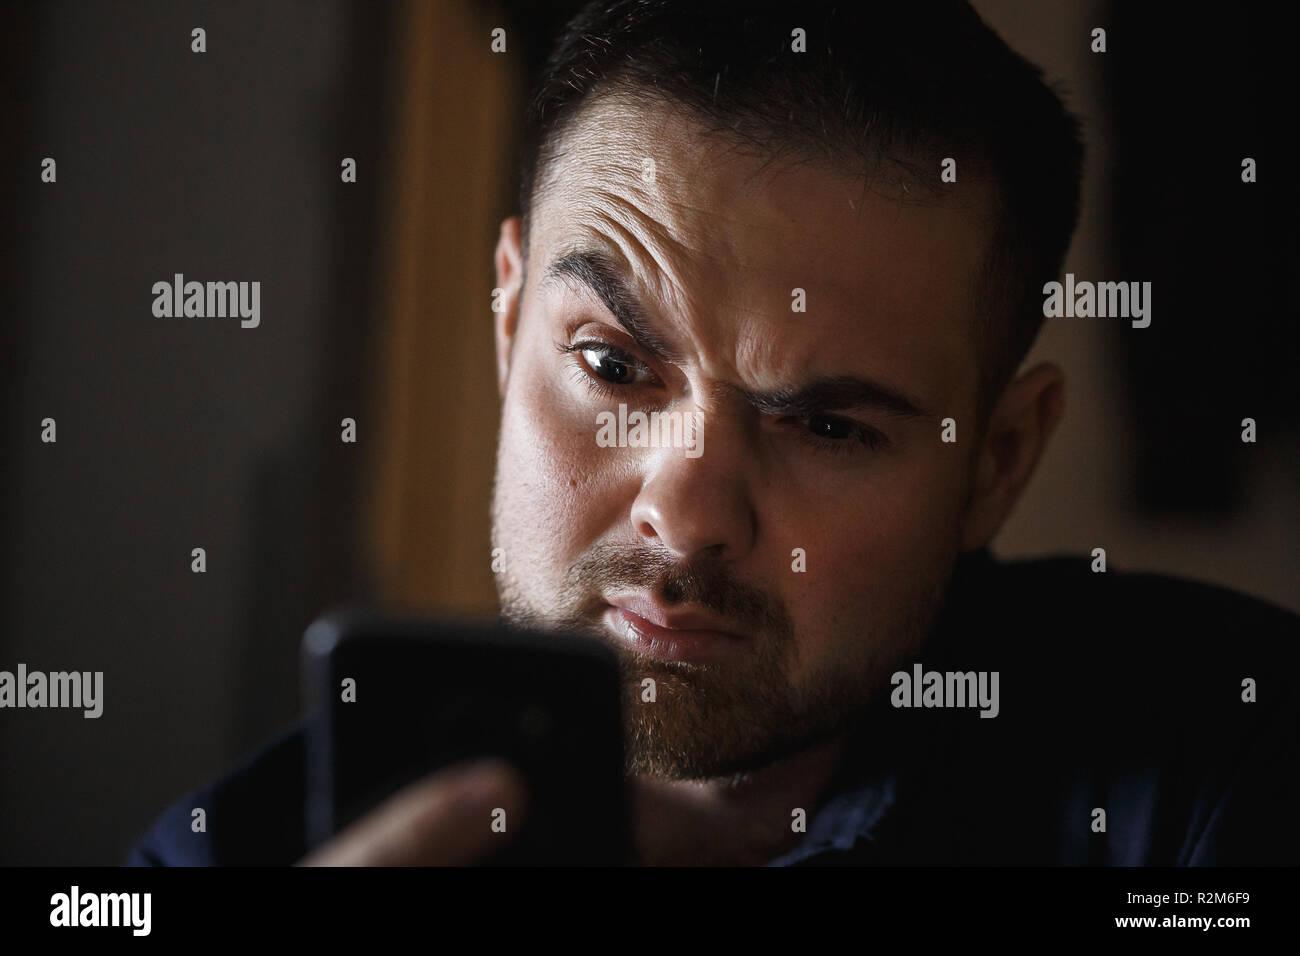 Barbuto uomo di mezza età in modo sorprendente cercando di smartphone in camera oscura. Close up. Foto Stock